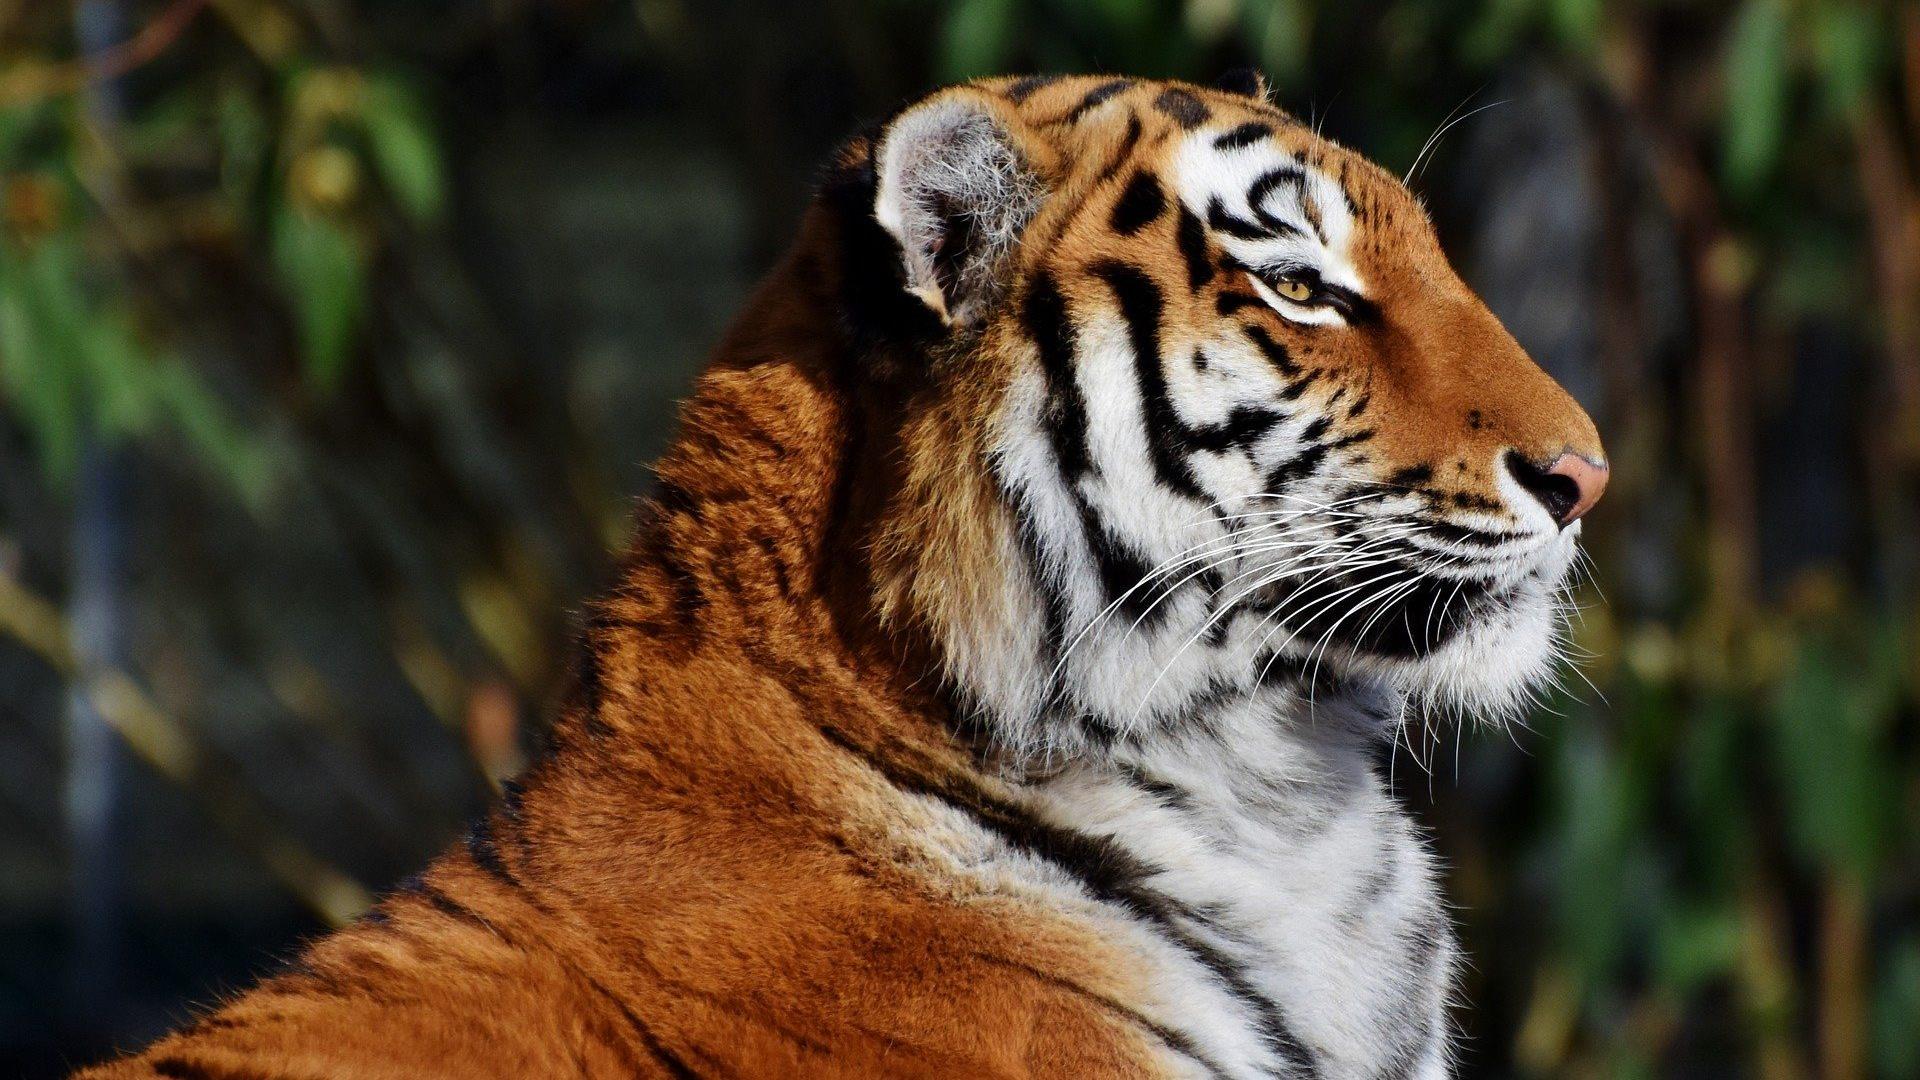 Los tigres en peligro de extinción enfrentan amenazas por la construcción de carreteras en Asia